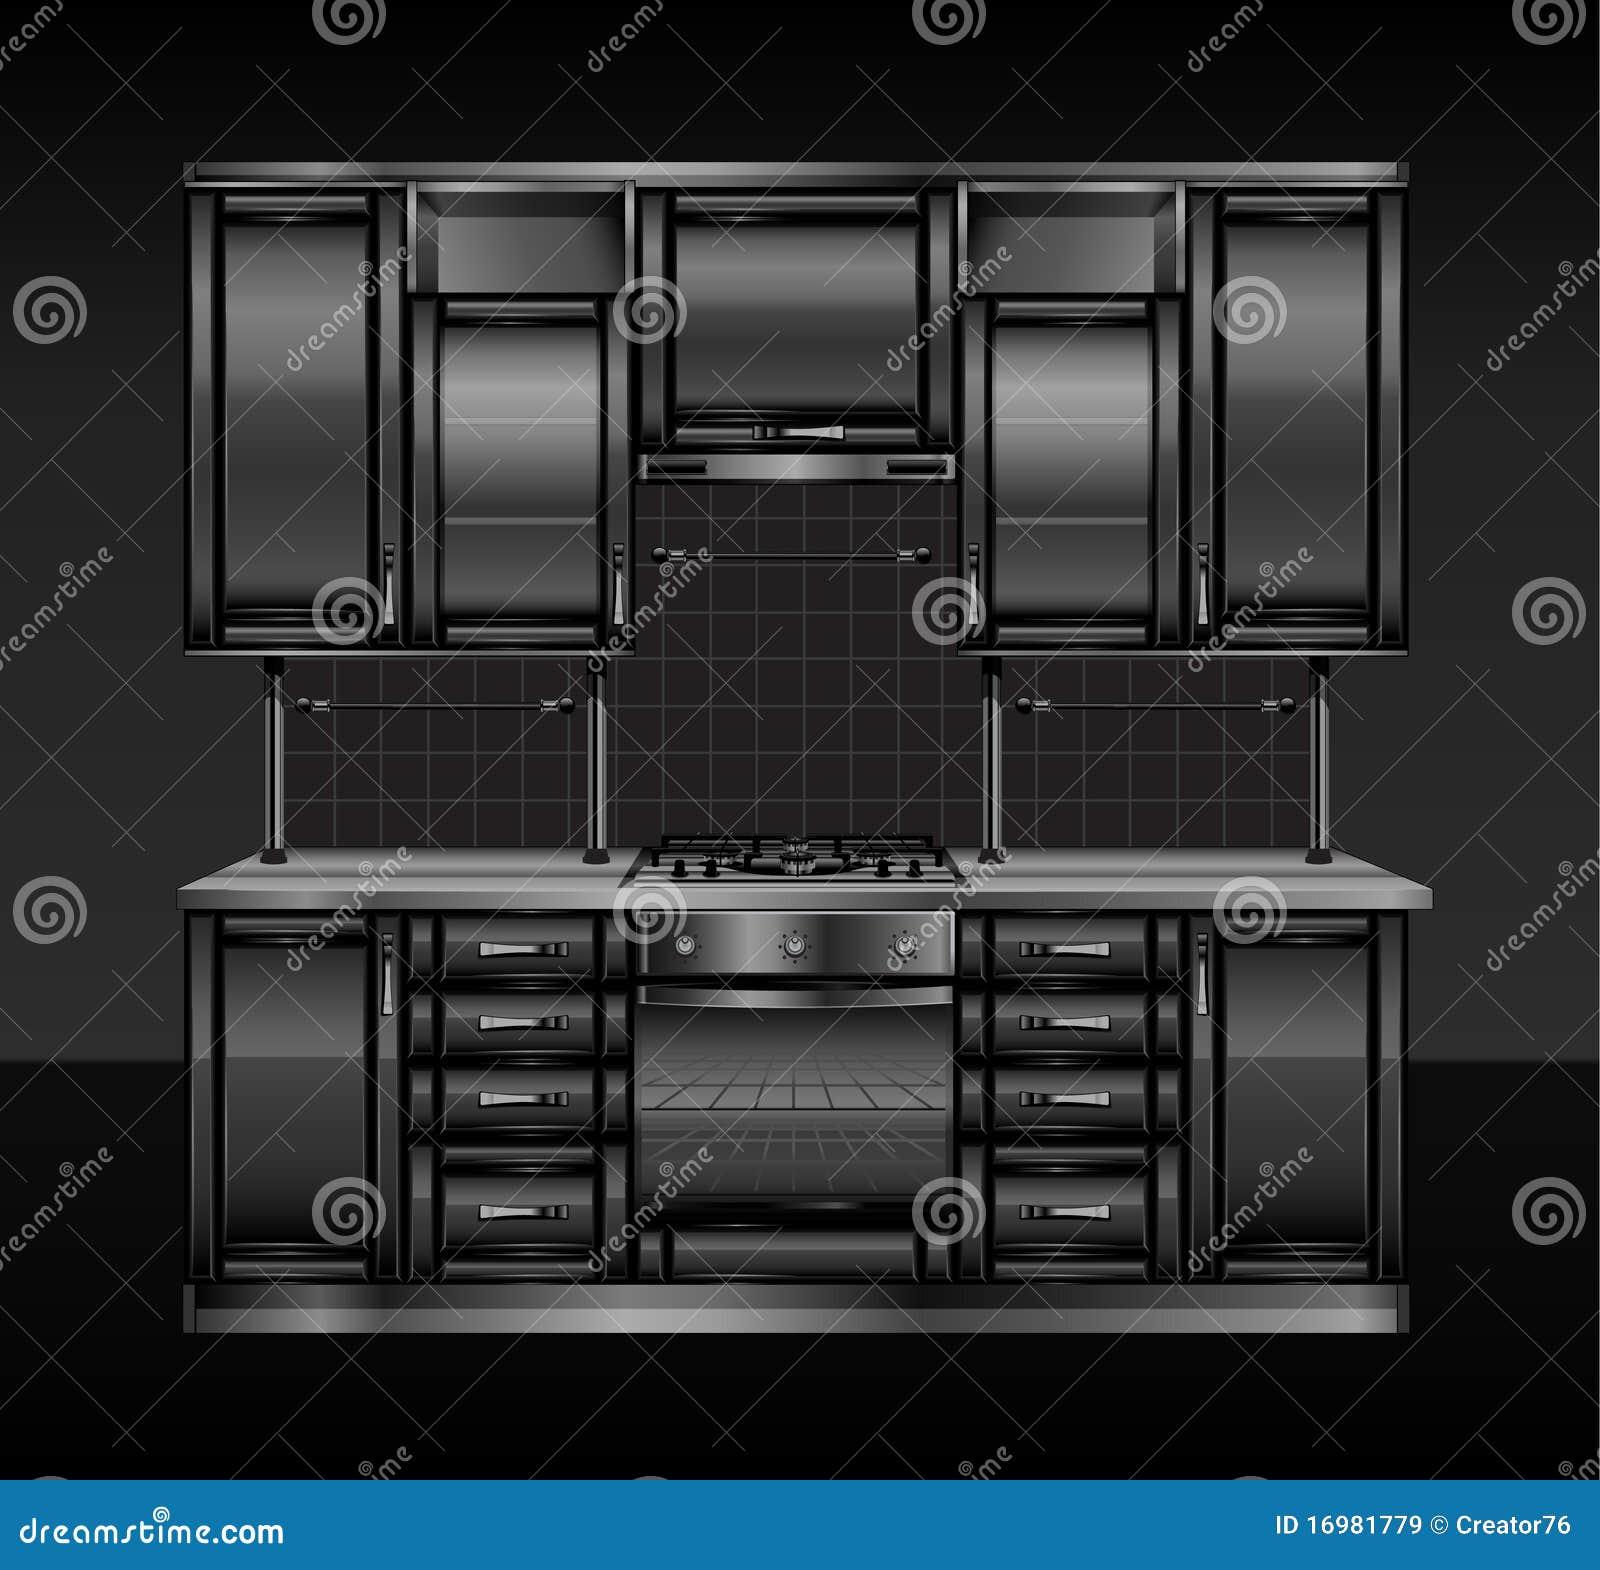 Cucina nera illustrazione vettoriale illustrazione di for Cucina nera